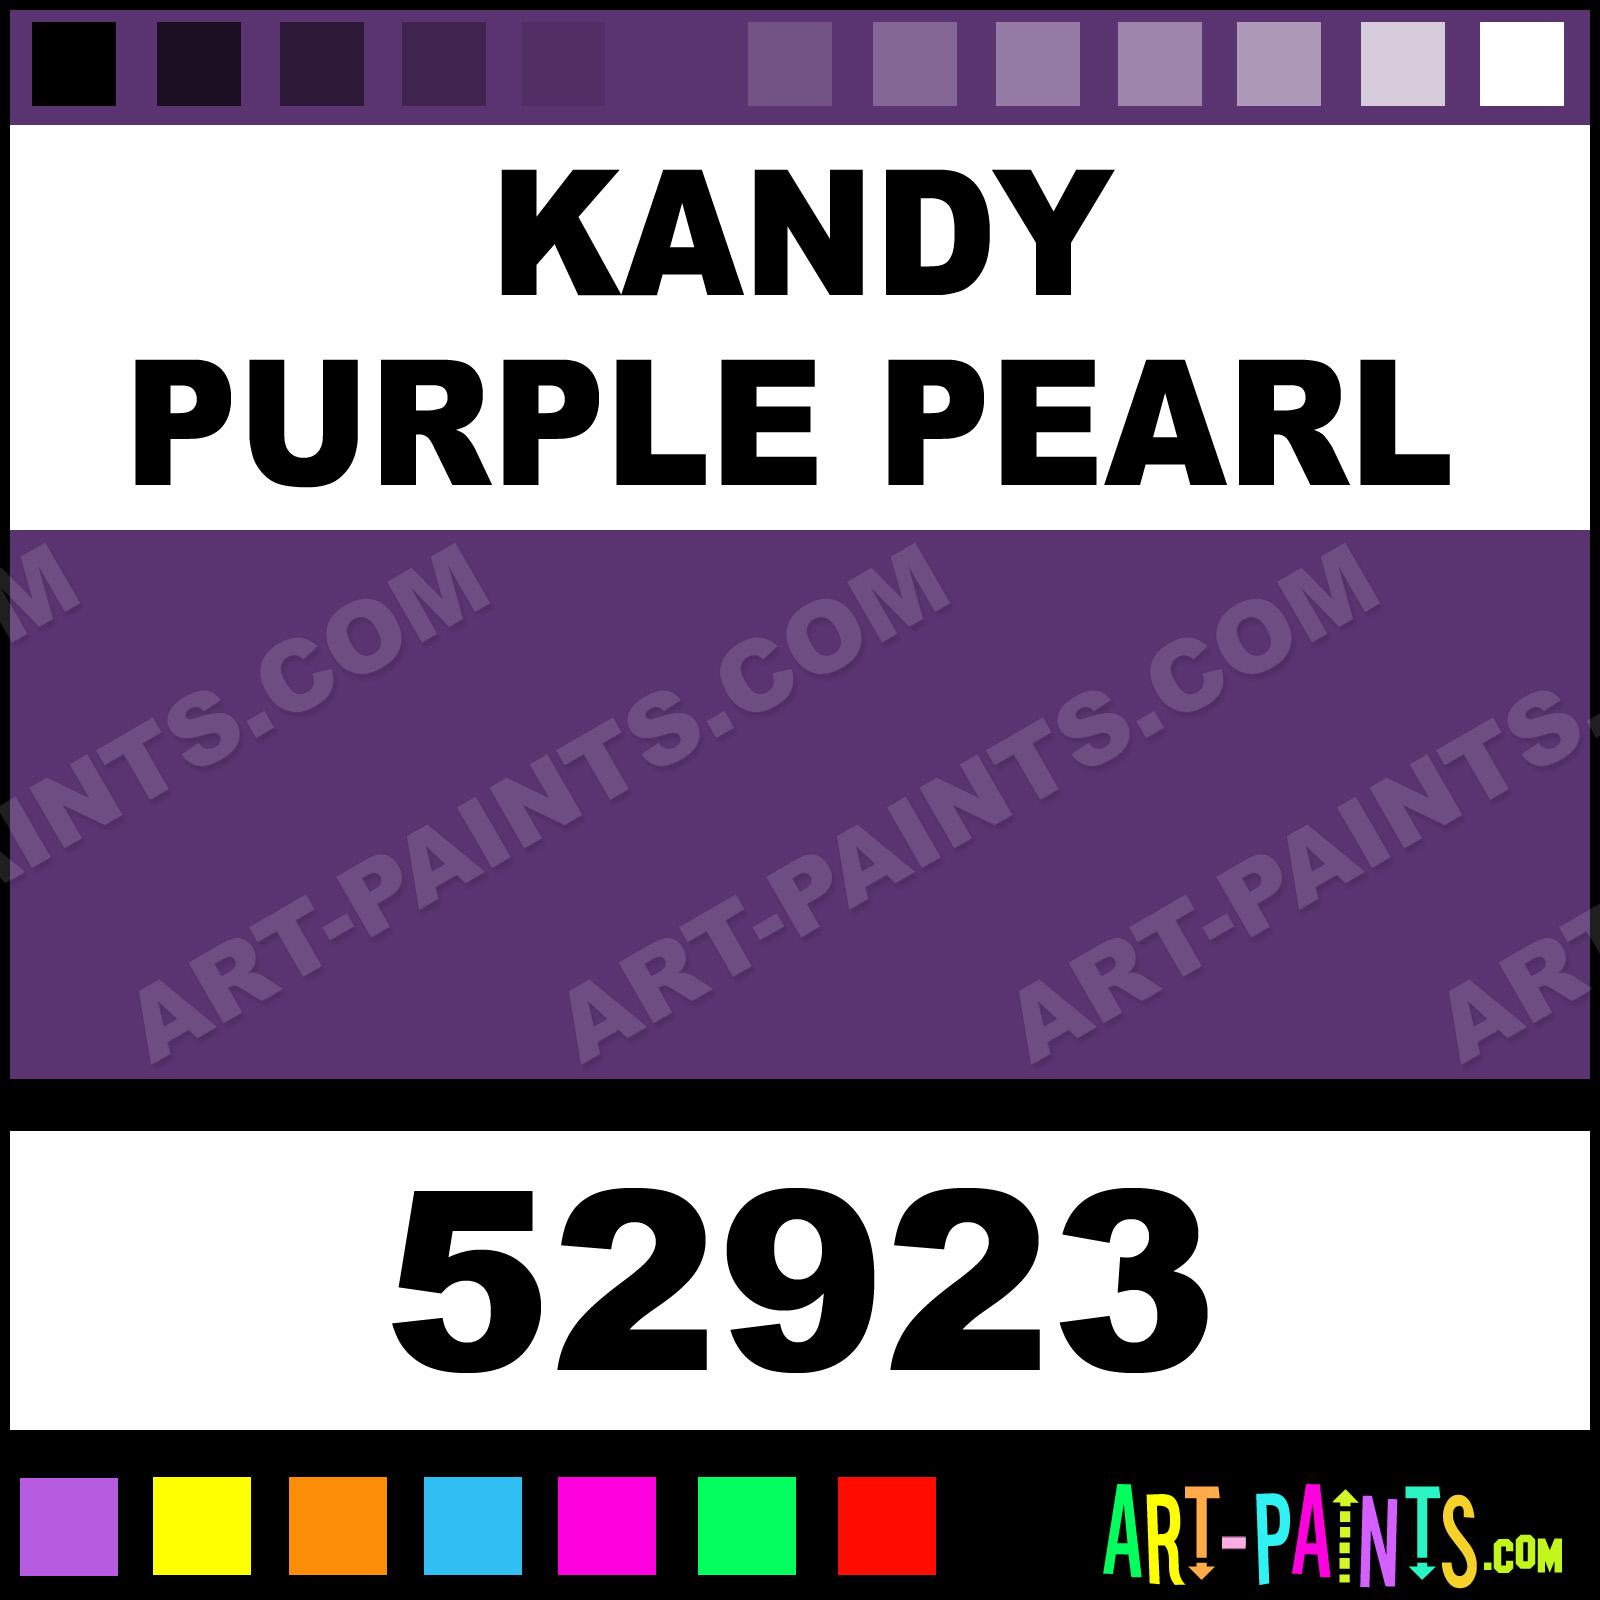 Black car paint colors chart - Purple Car Paint Colors Kandy Purple Pearl Kandy Purple Pearl Paint